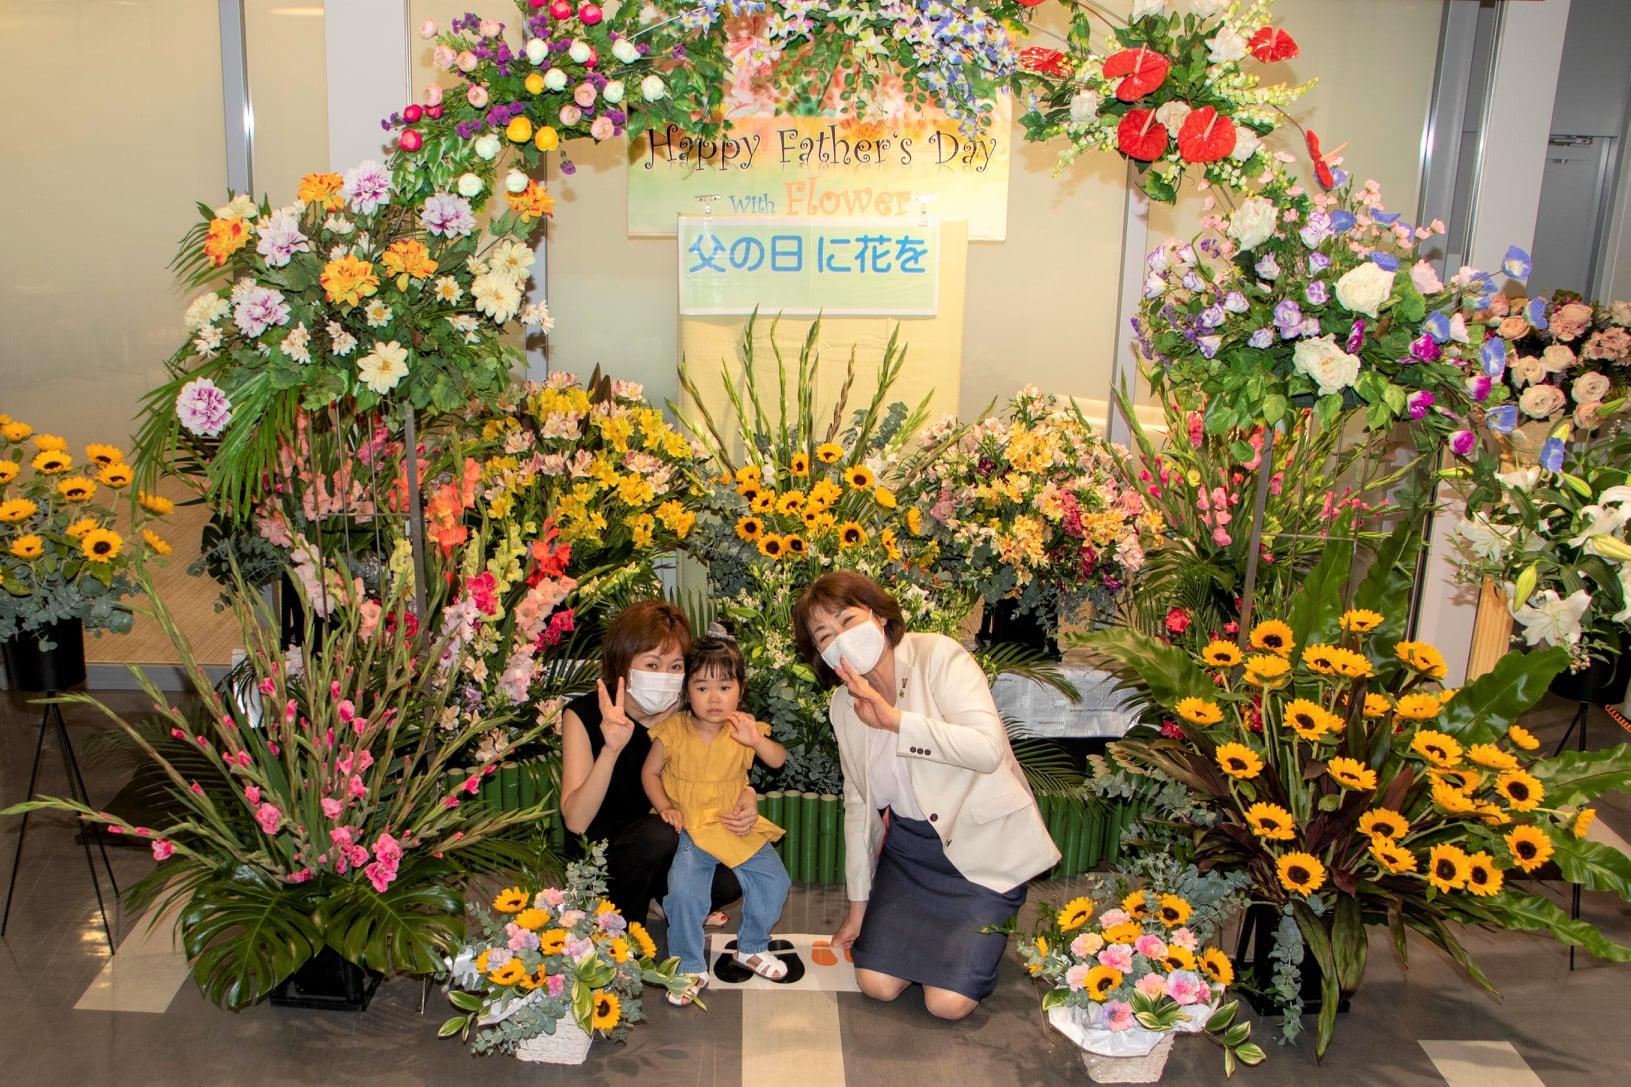 「父の日の花のプレゼント」について嬉しいお声をいただきましたpage-visual 「父の日の花のプレゼント」について嬉しいお声をいただきましたビジュアル